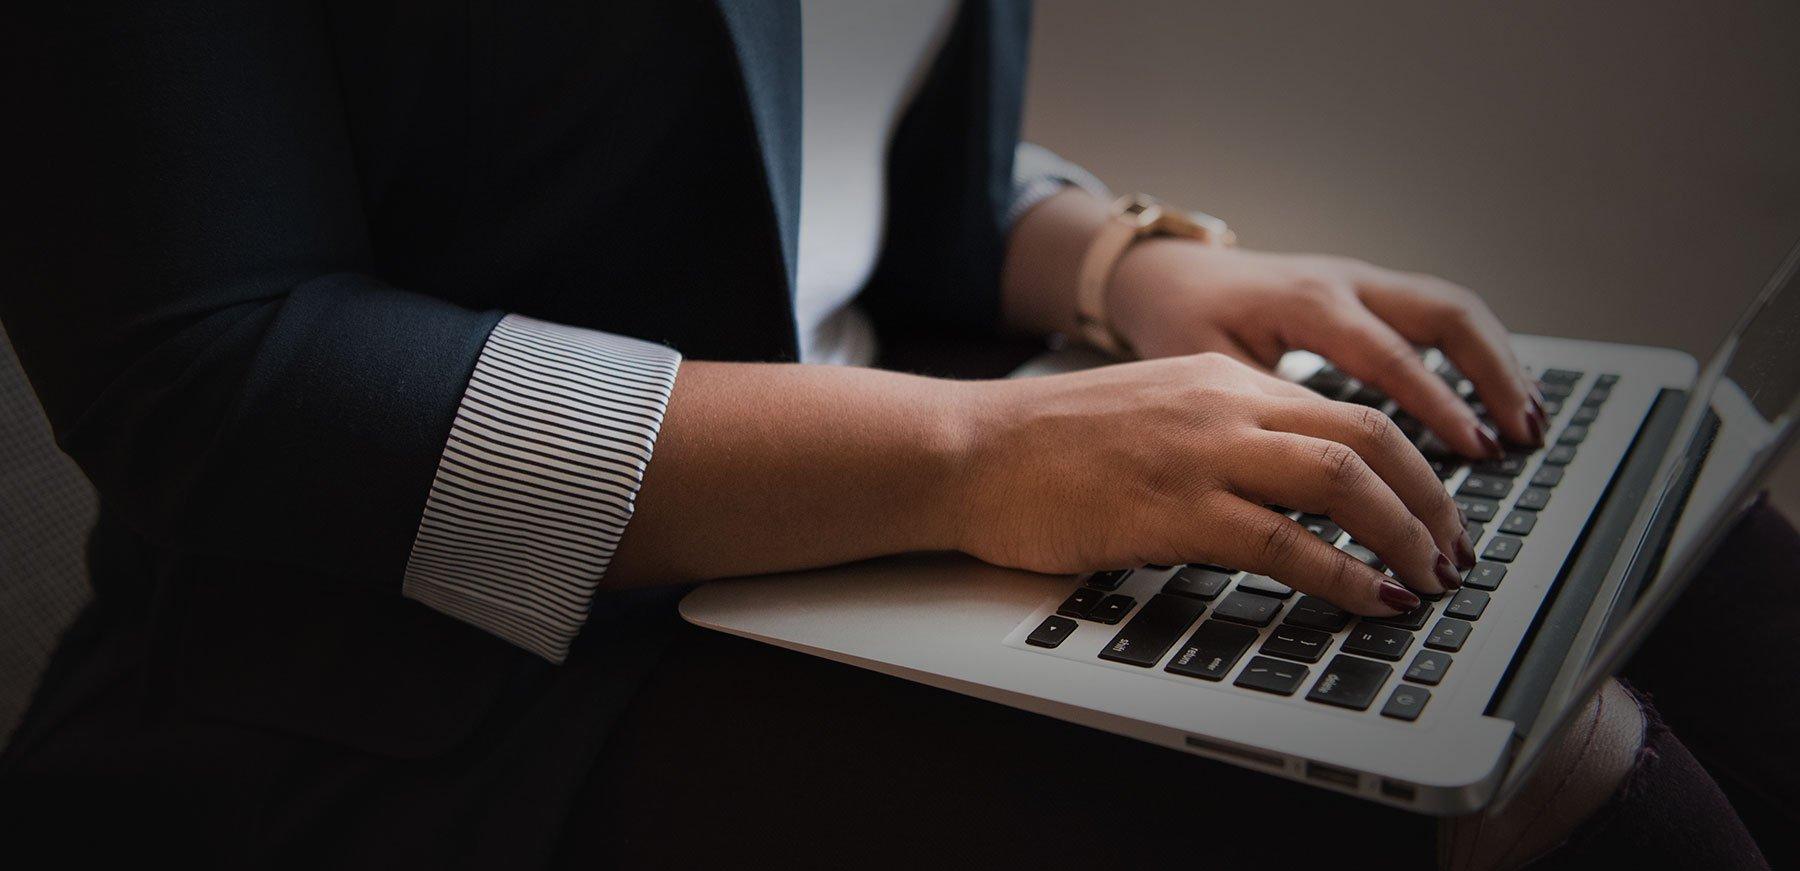 Employe utilisant son ordinateur